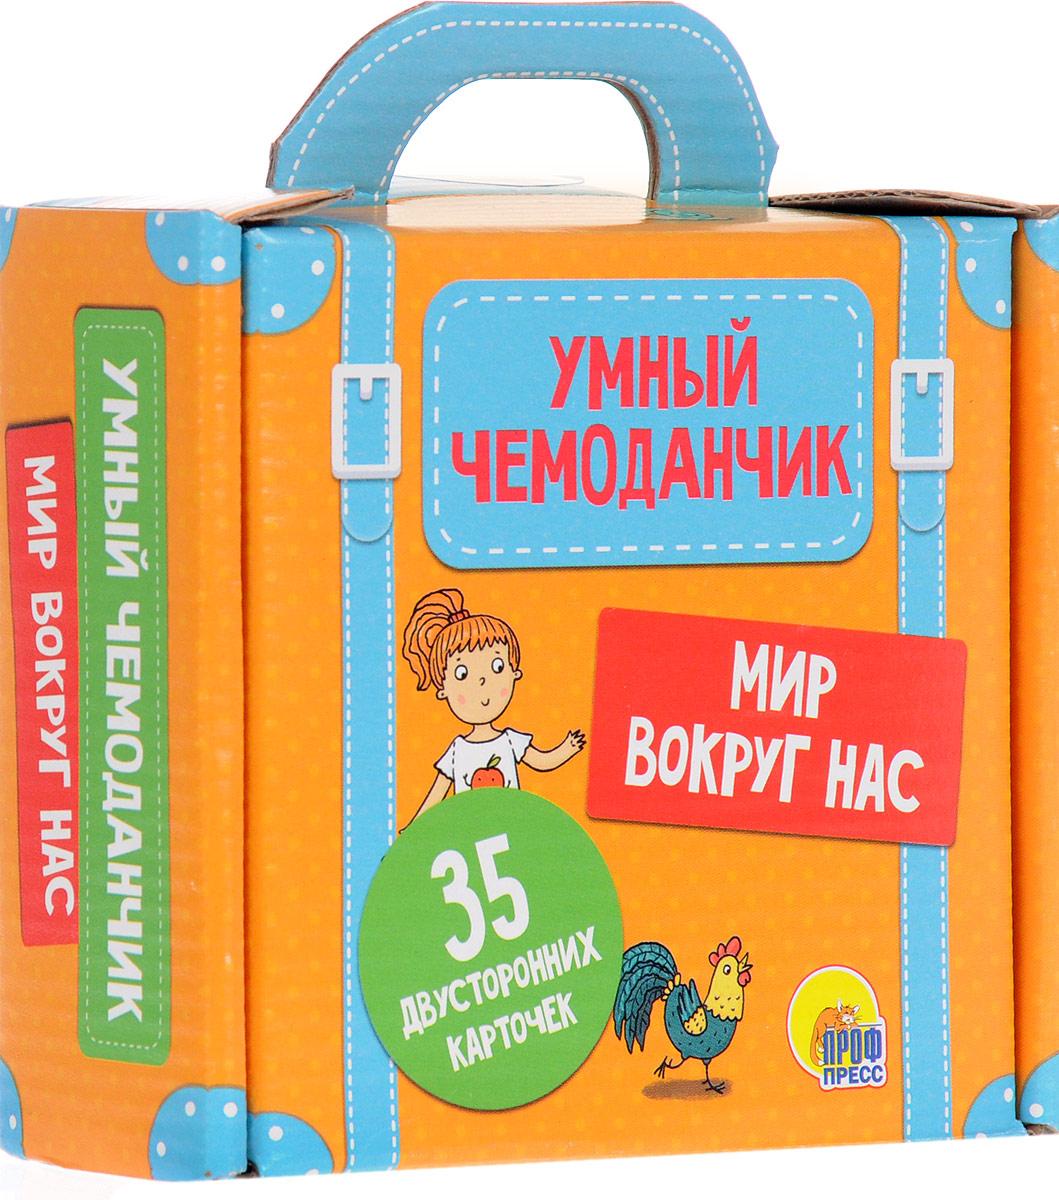 Проф-пресс Обучающие карточки Умный чемоданчик Мир вокруг нас улыбка обучающие карточки одежда